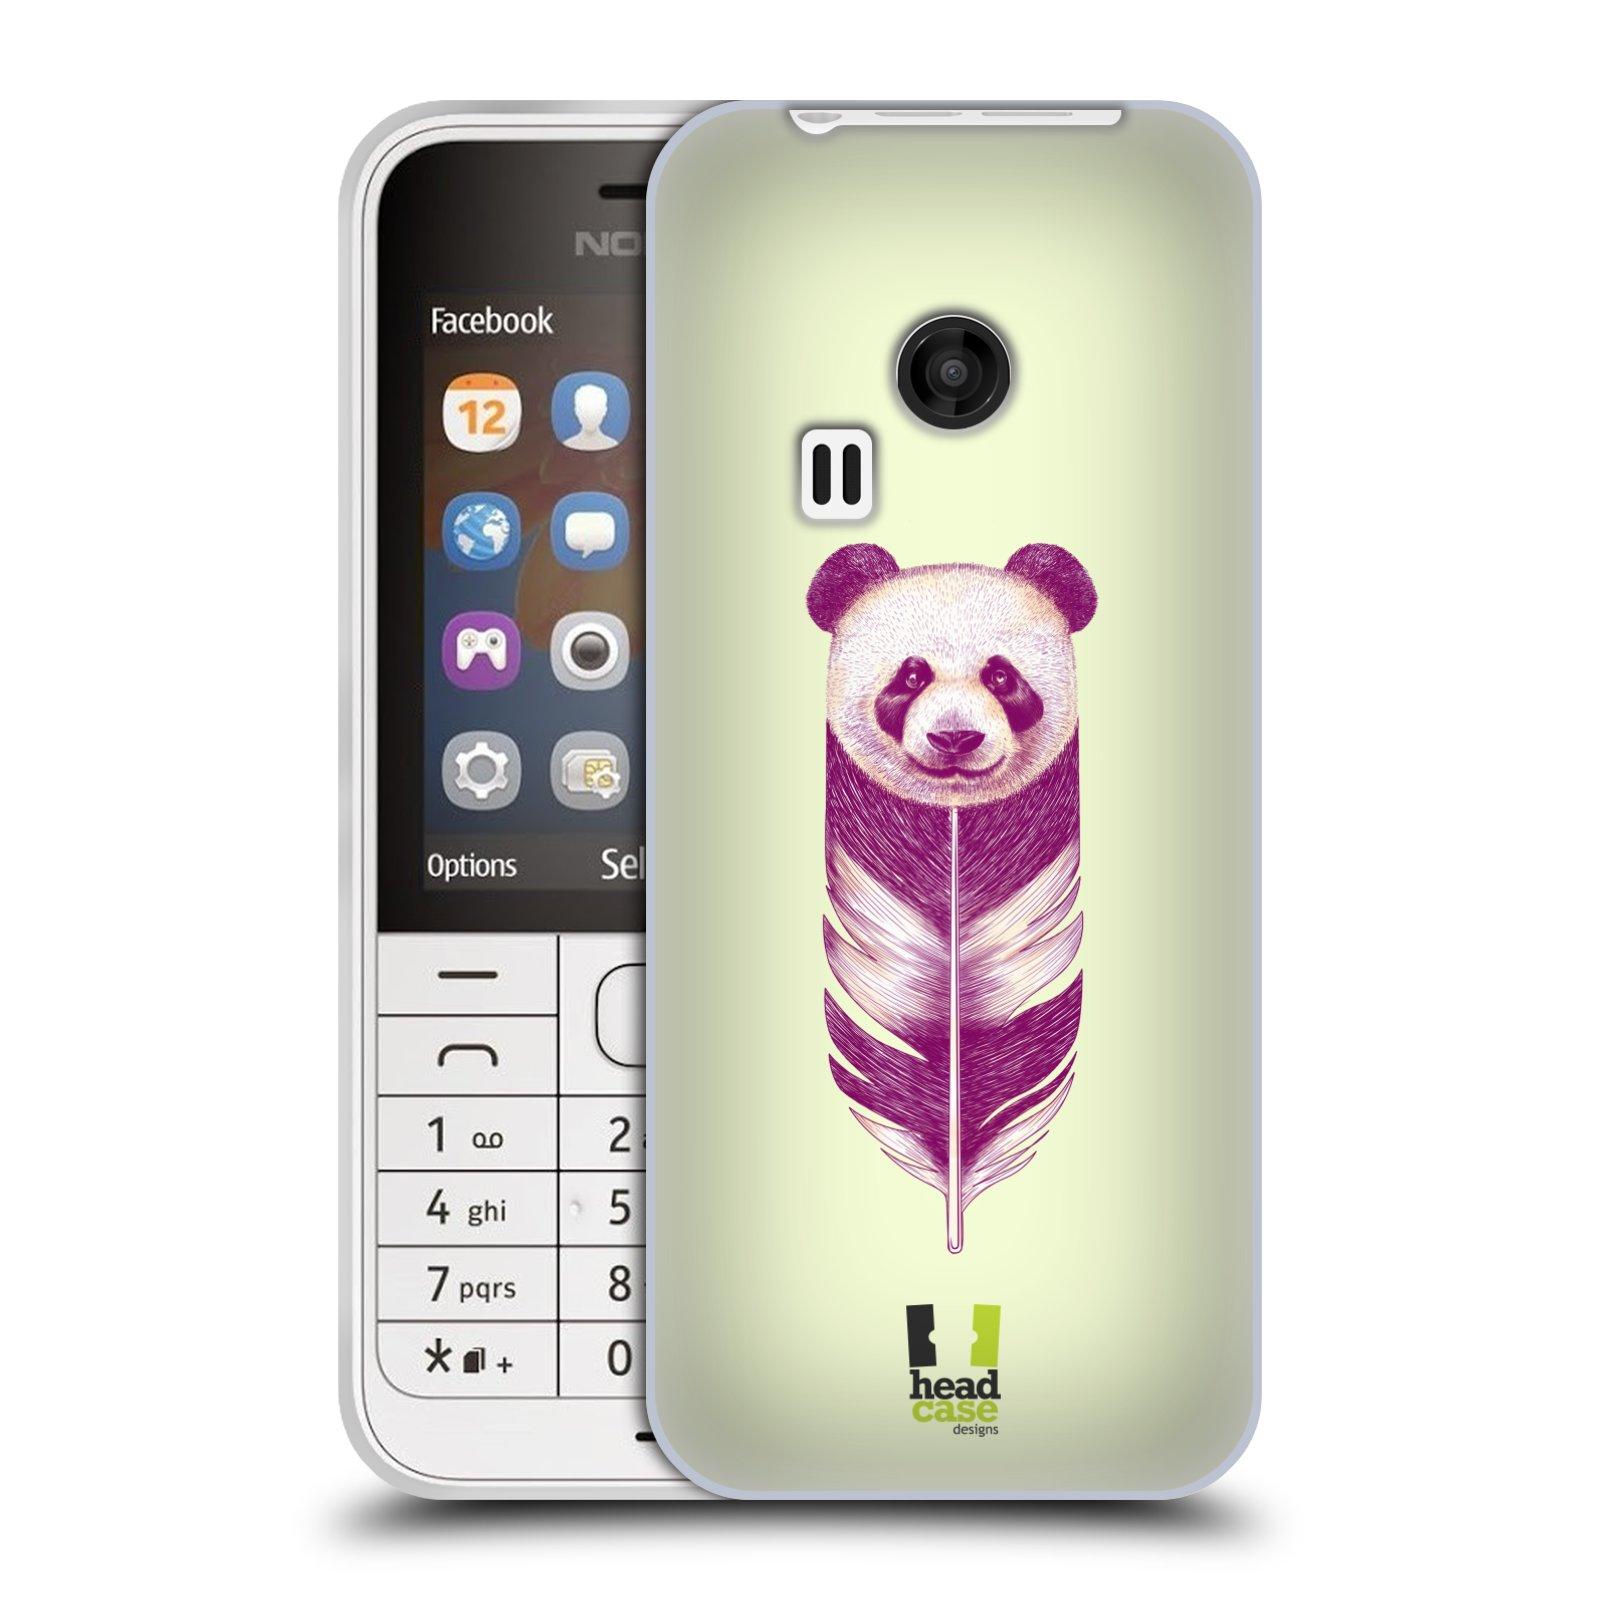 Silikonové pouzdro na mobil Nokia 220 HEAD CASE PÍRKO PANDA (Silikonový kryt či obal na mobilní telefon Nokia 220 a 220 Dual SIM)